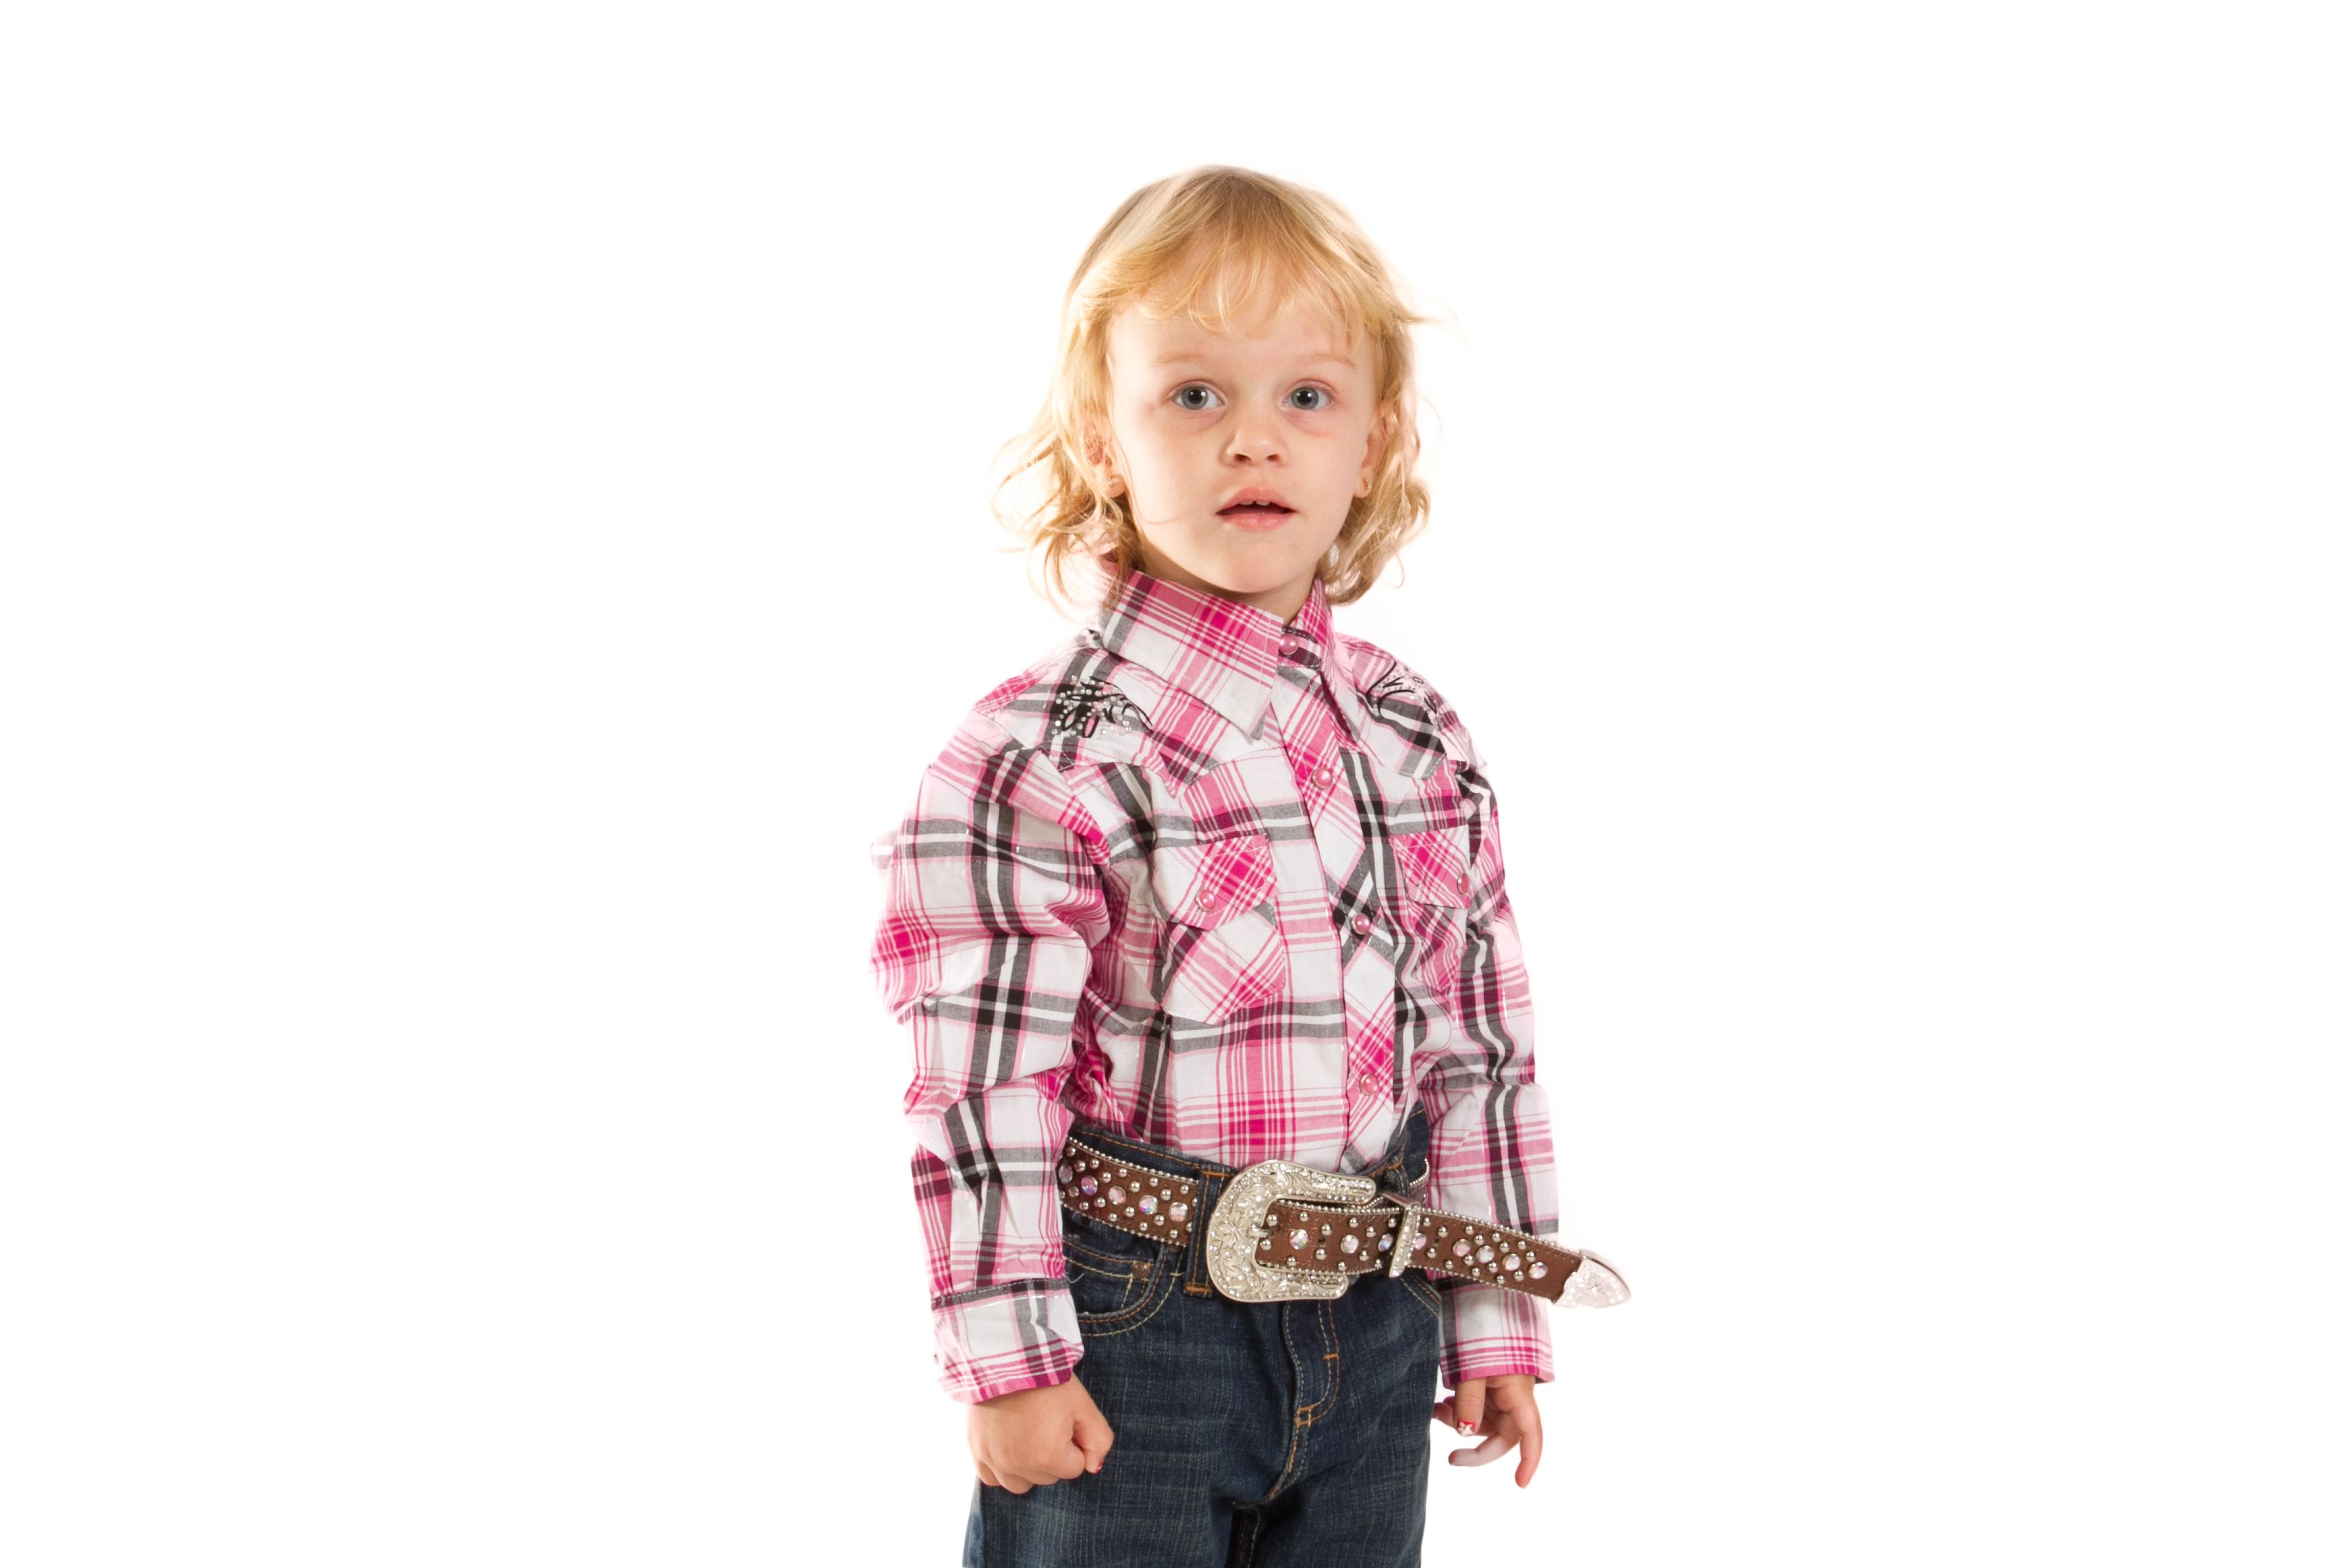 154ab5f16a Camisa xadrez Infantil Bordada com Strass Camisa feminina infantil xadrez  com detalhes bordados em strass em